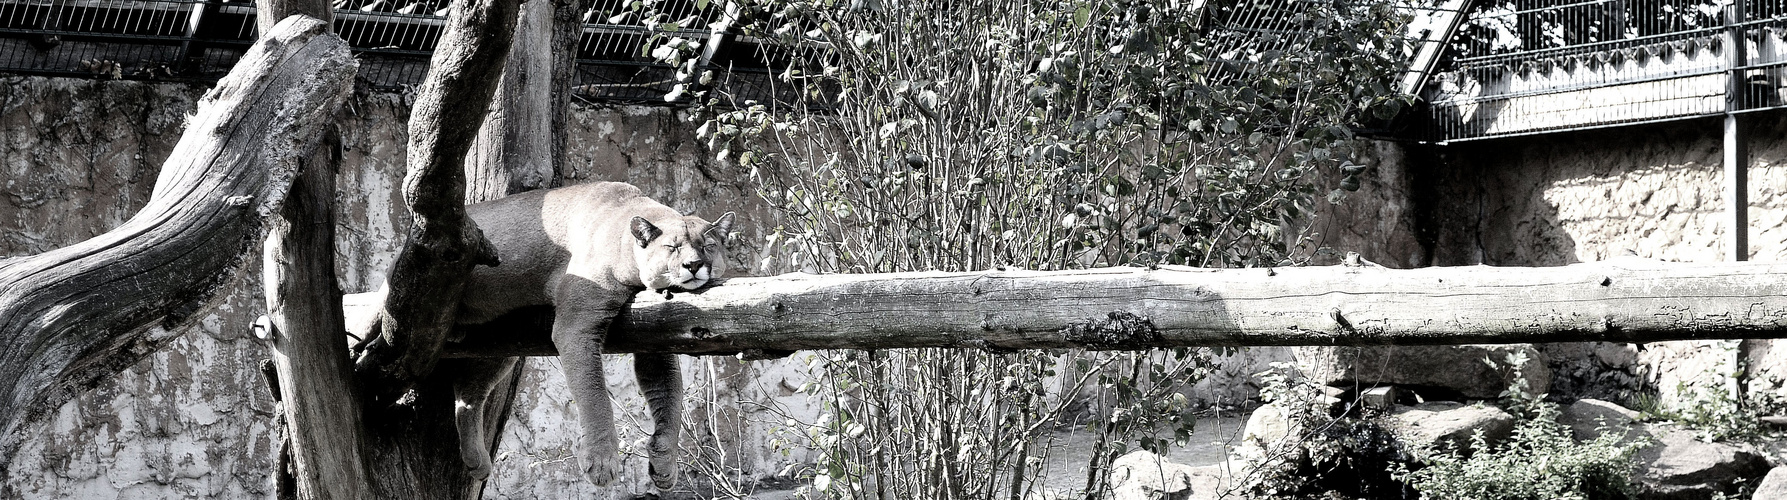 Puma beim Mittagsschlaf